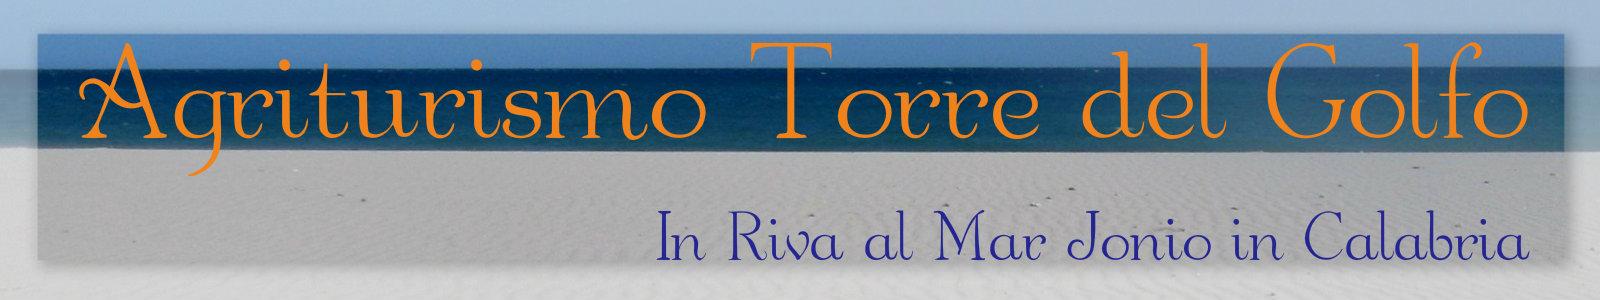 Agriturismo Torre del Golfo al mare in Calabria